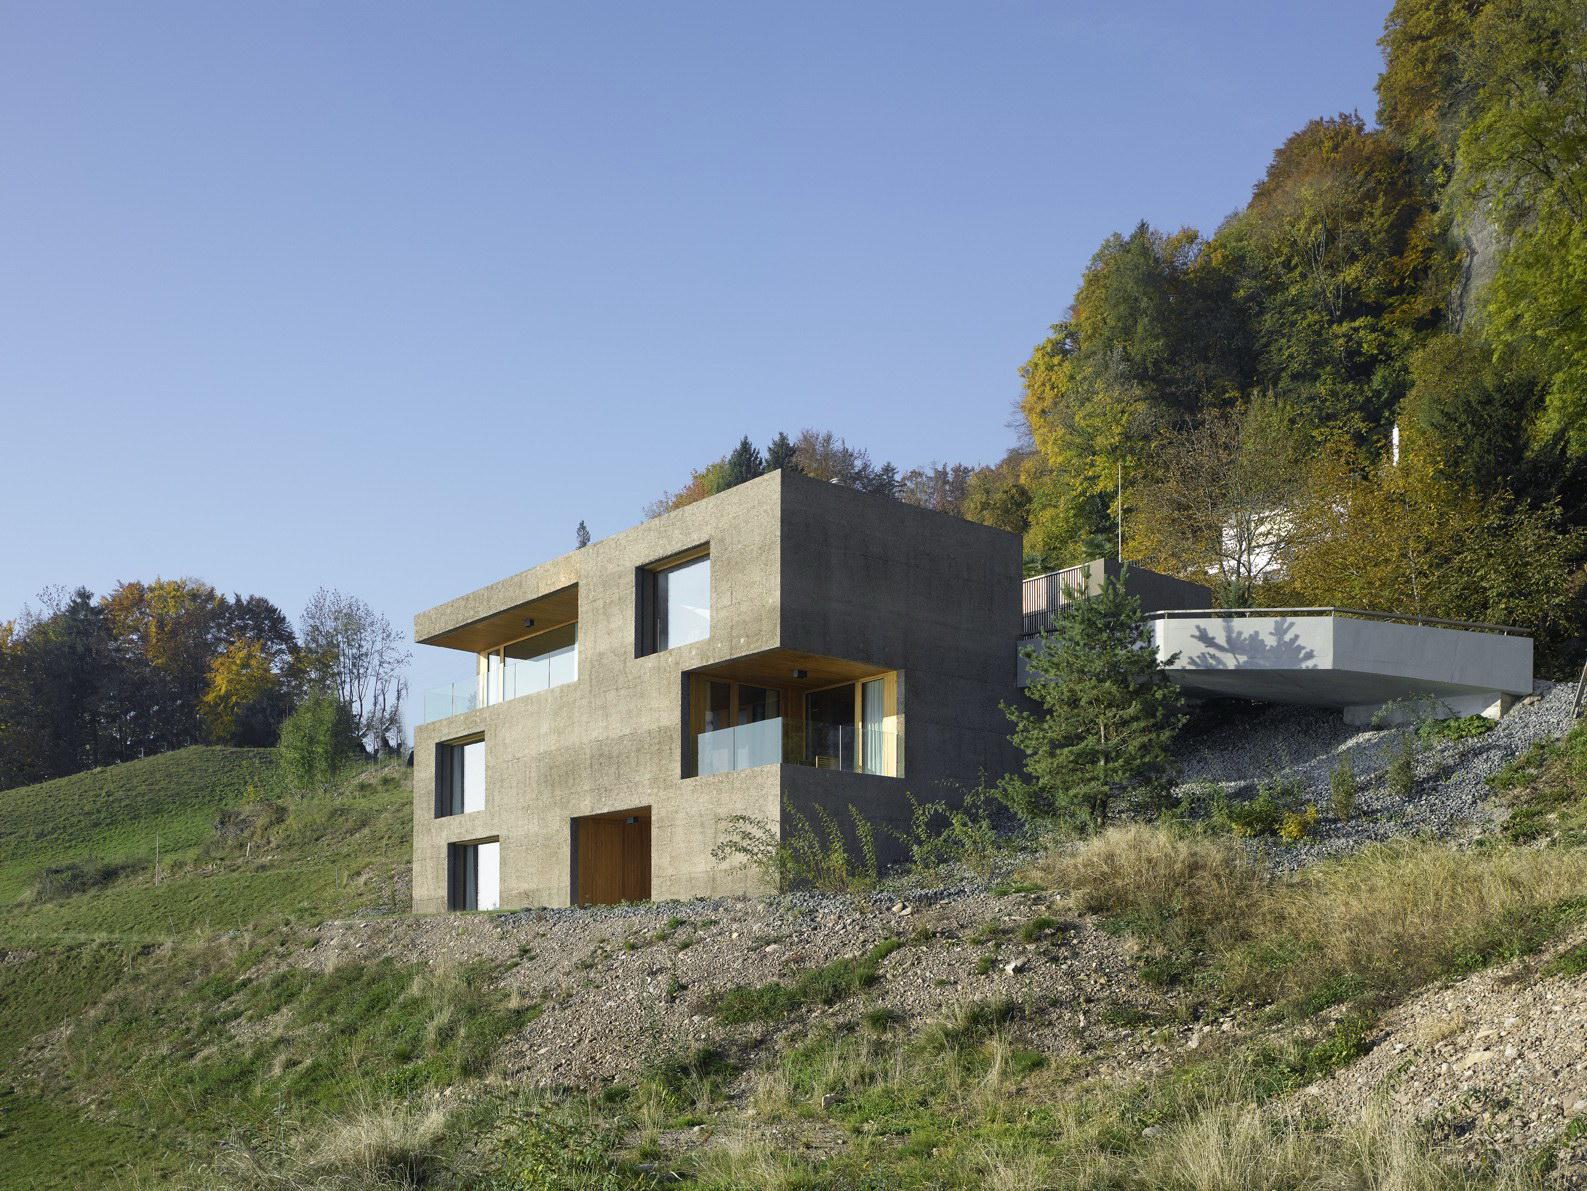 Holiday Home in Vitznau by alp Architektur Lischer Partner